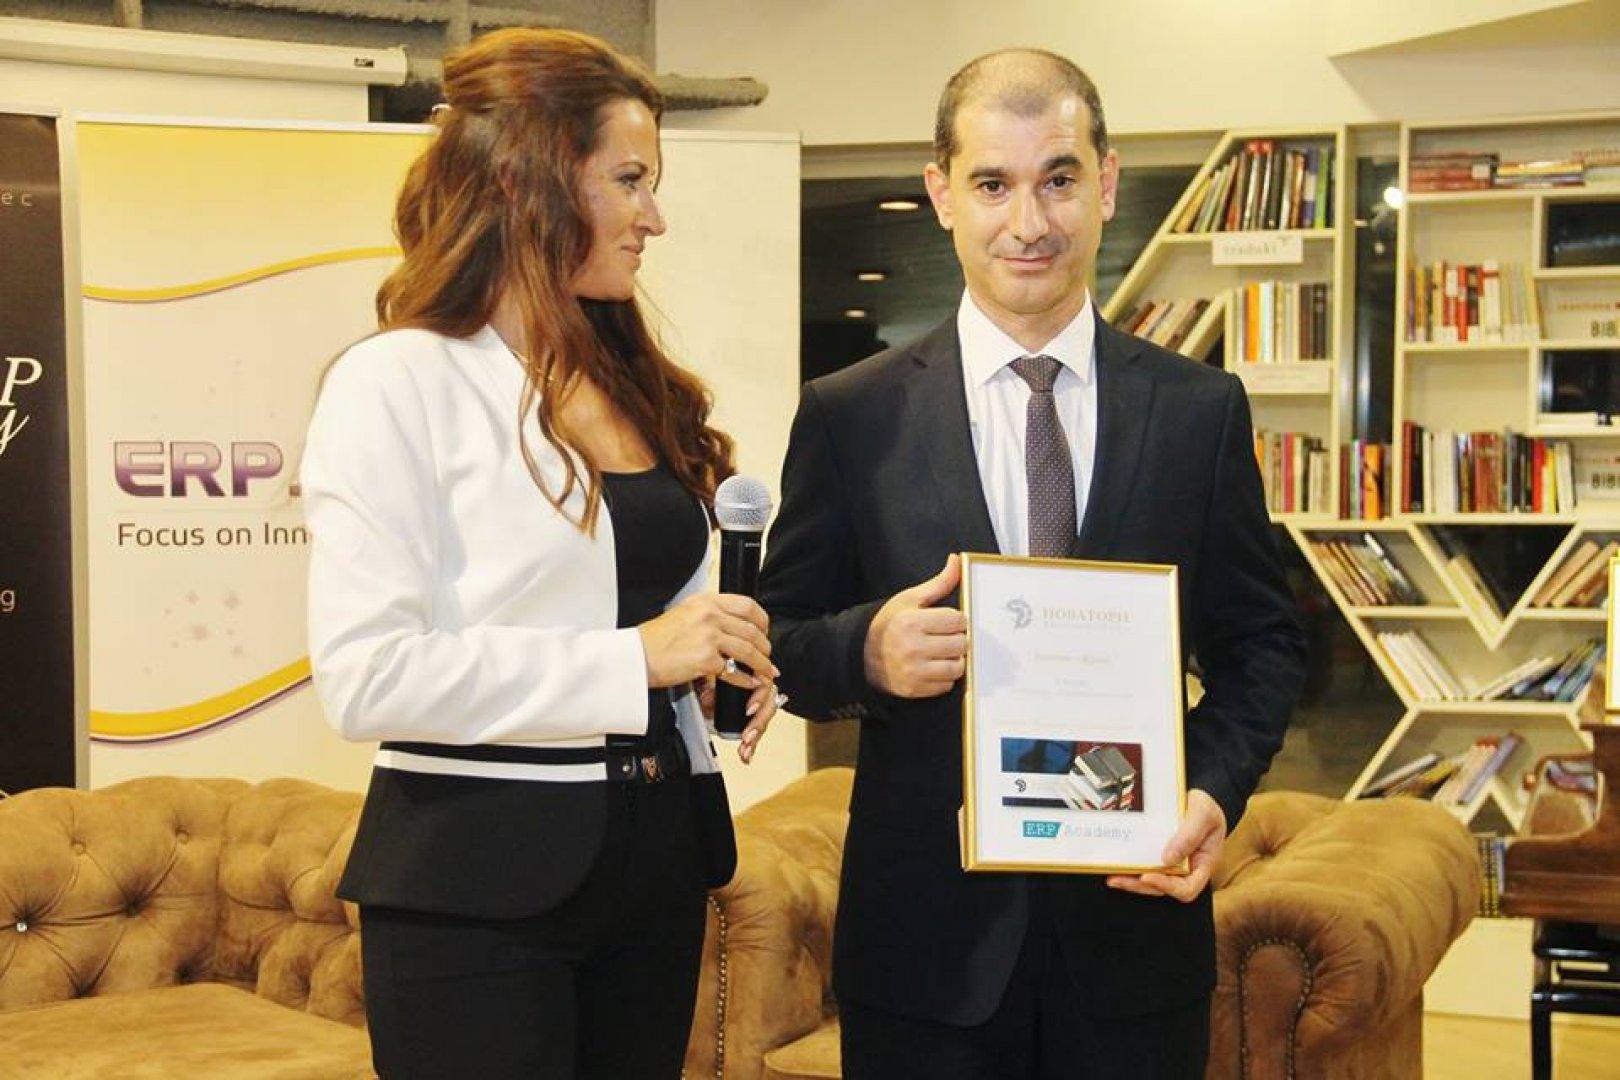 Наградата бе връчена на проф. Сотир Сотиров - един от двигателите на процеса за превръщане на Бургас в технологичен град. Снимка Пресцентър Община Бургас